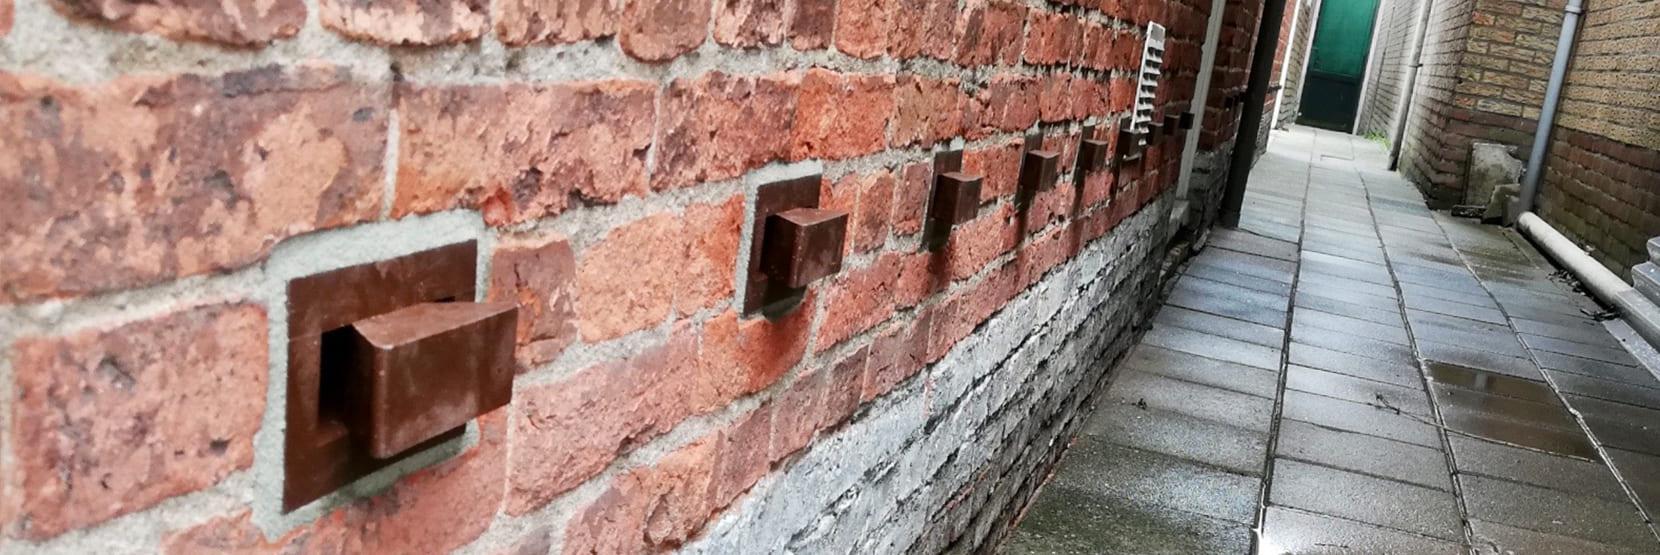 Vocht uit de muur halen